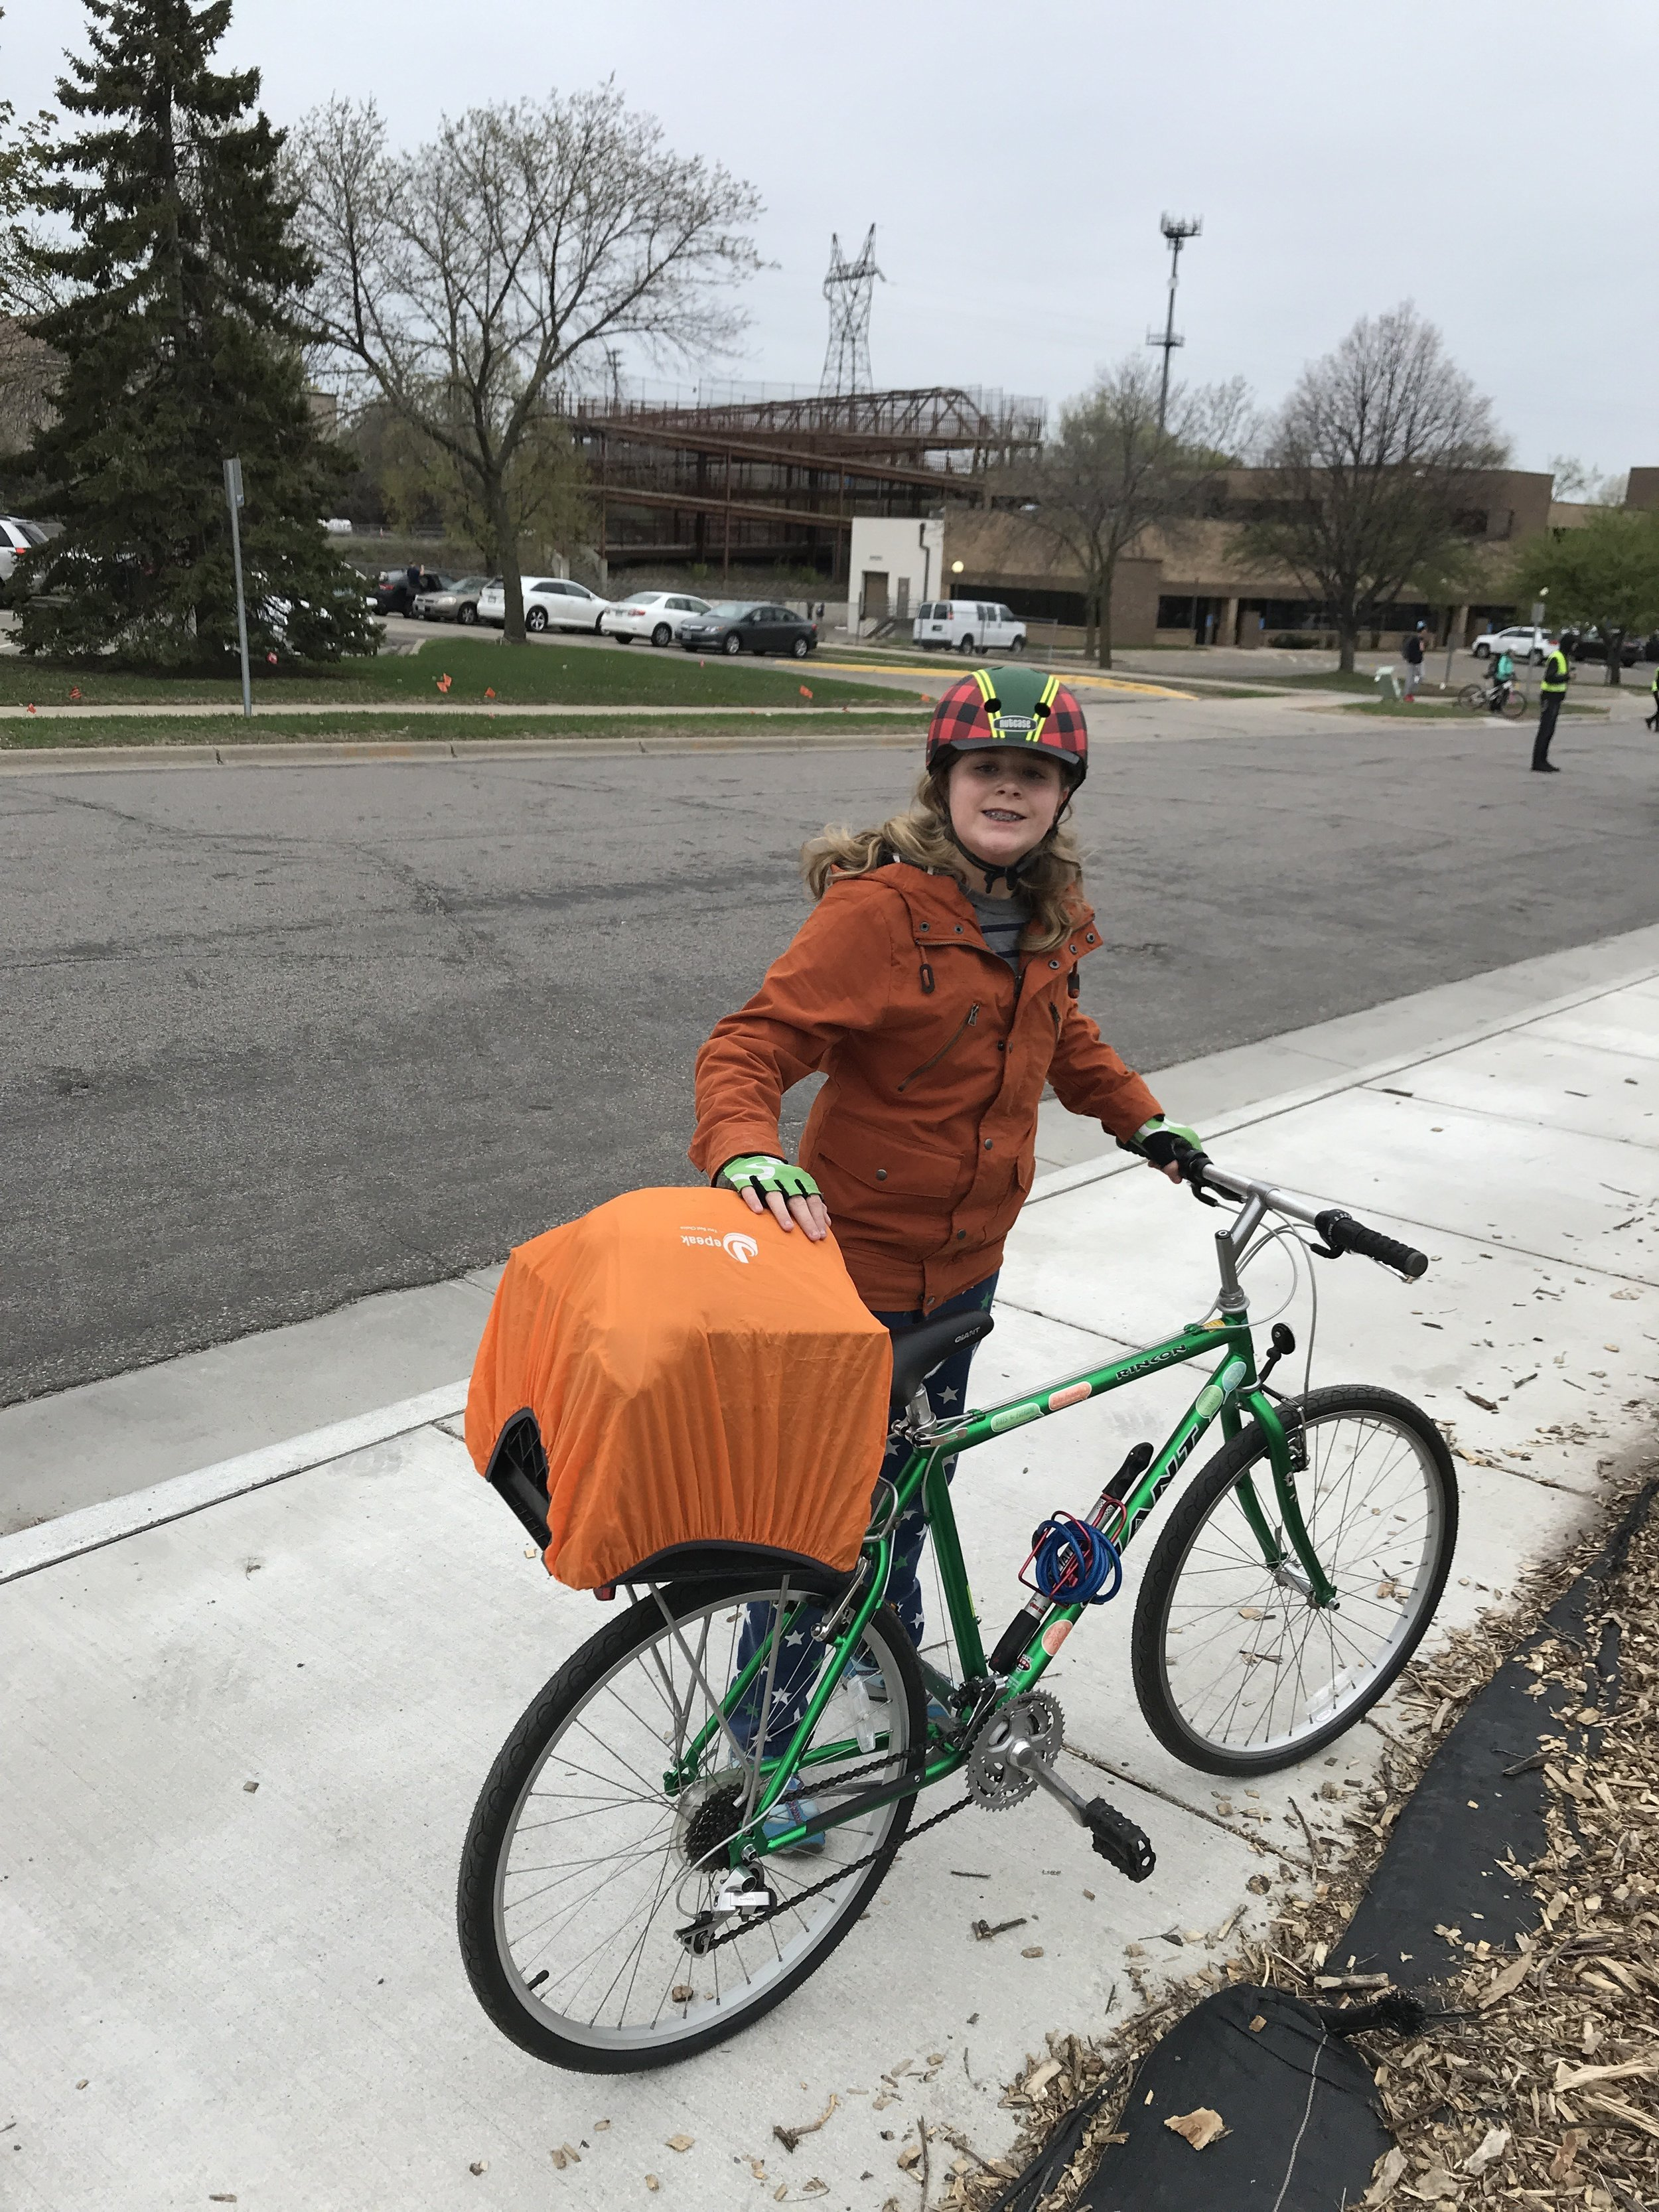 Everett Thomas models rain preparedness on a bike